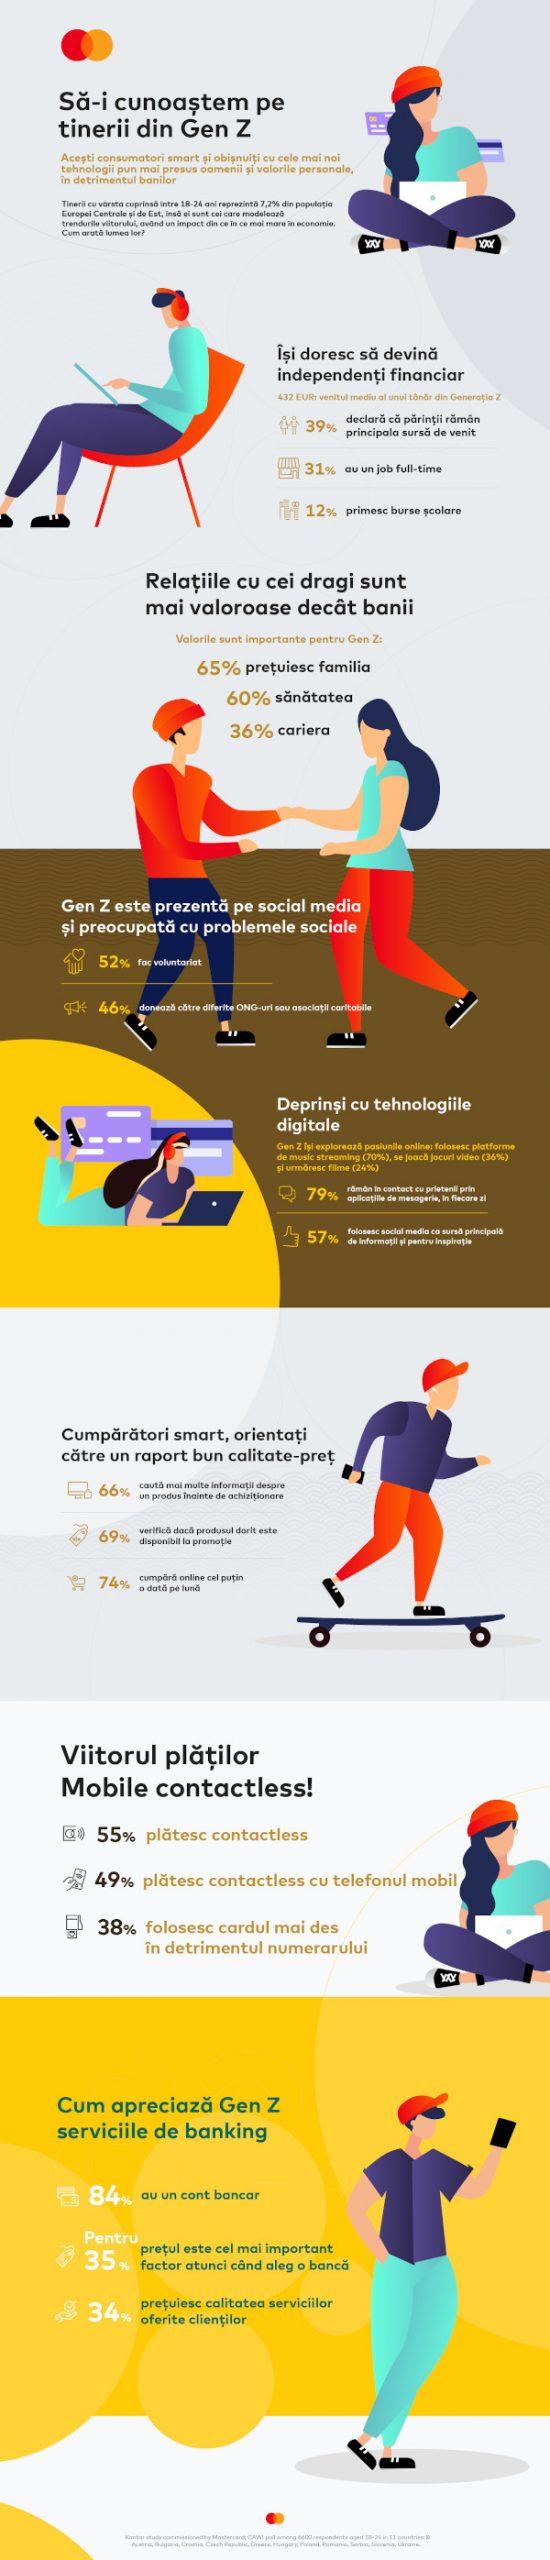 Studiu Mastercard - Infografic Gen Z